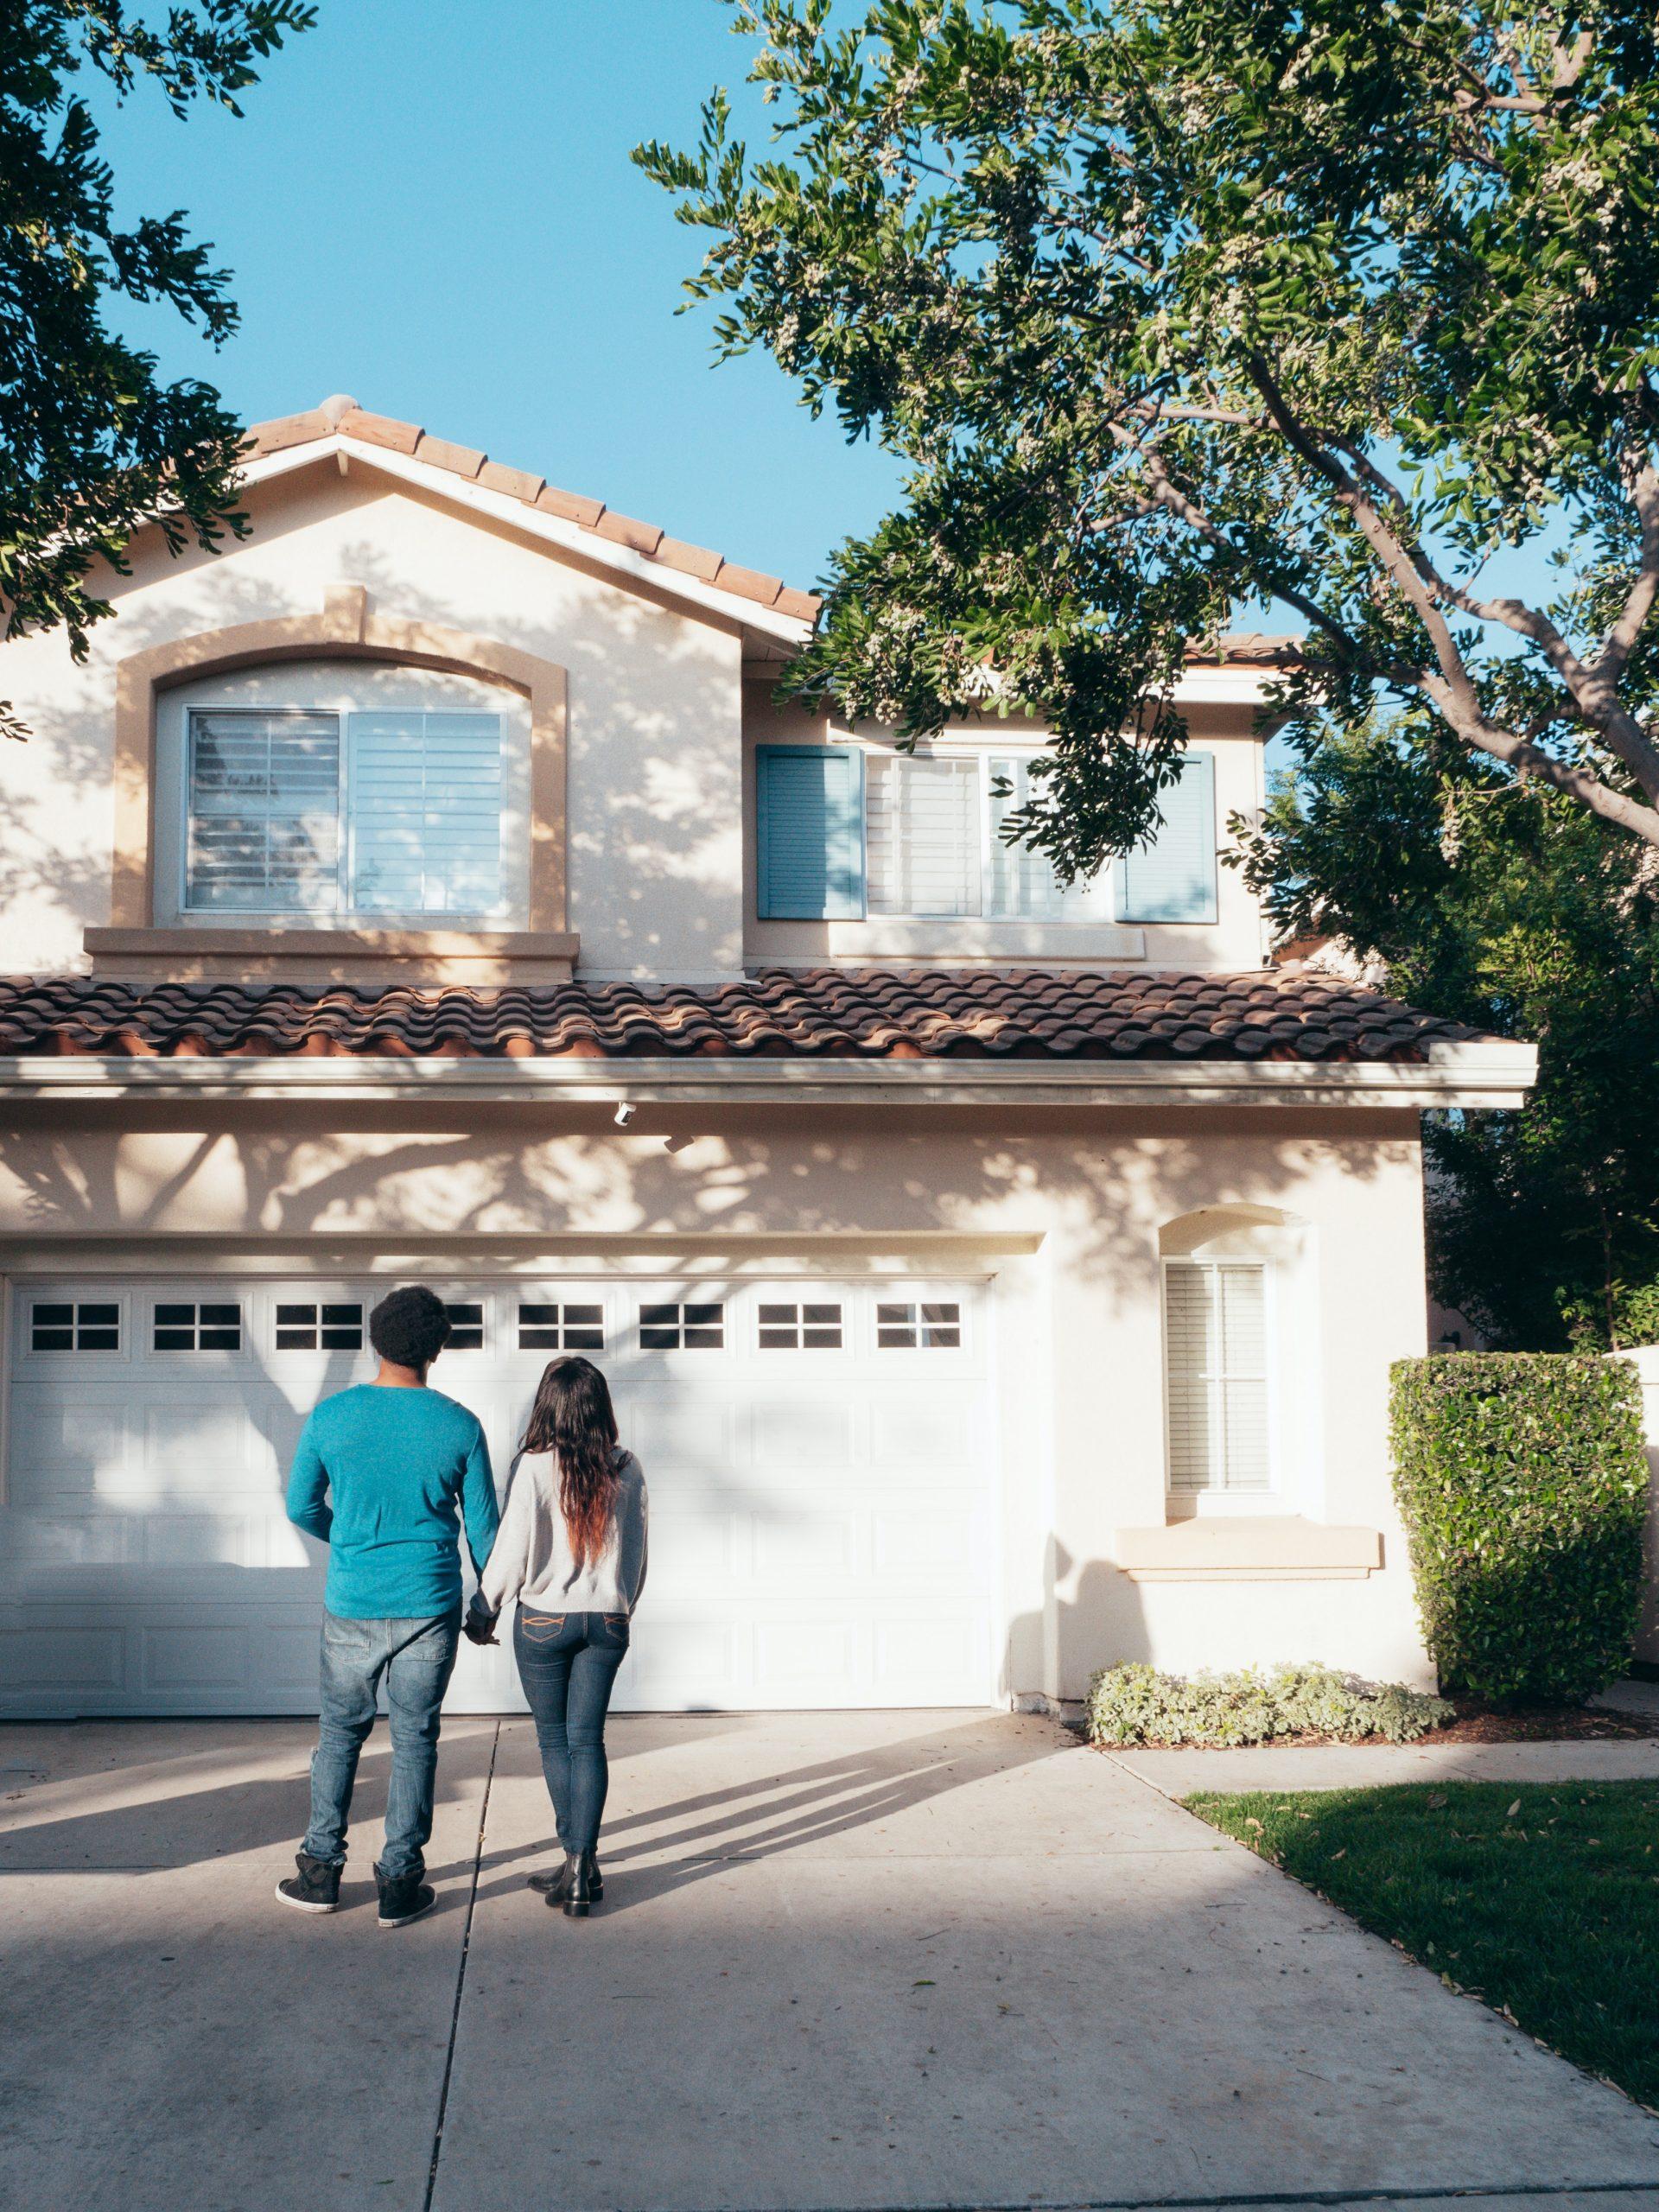 Liever een duur landelijk huis dan een plek in de stad